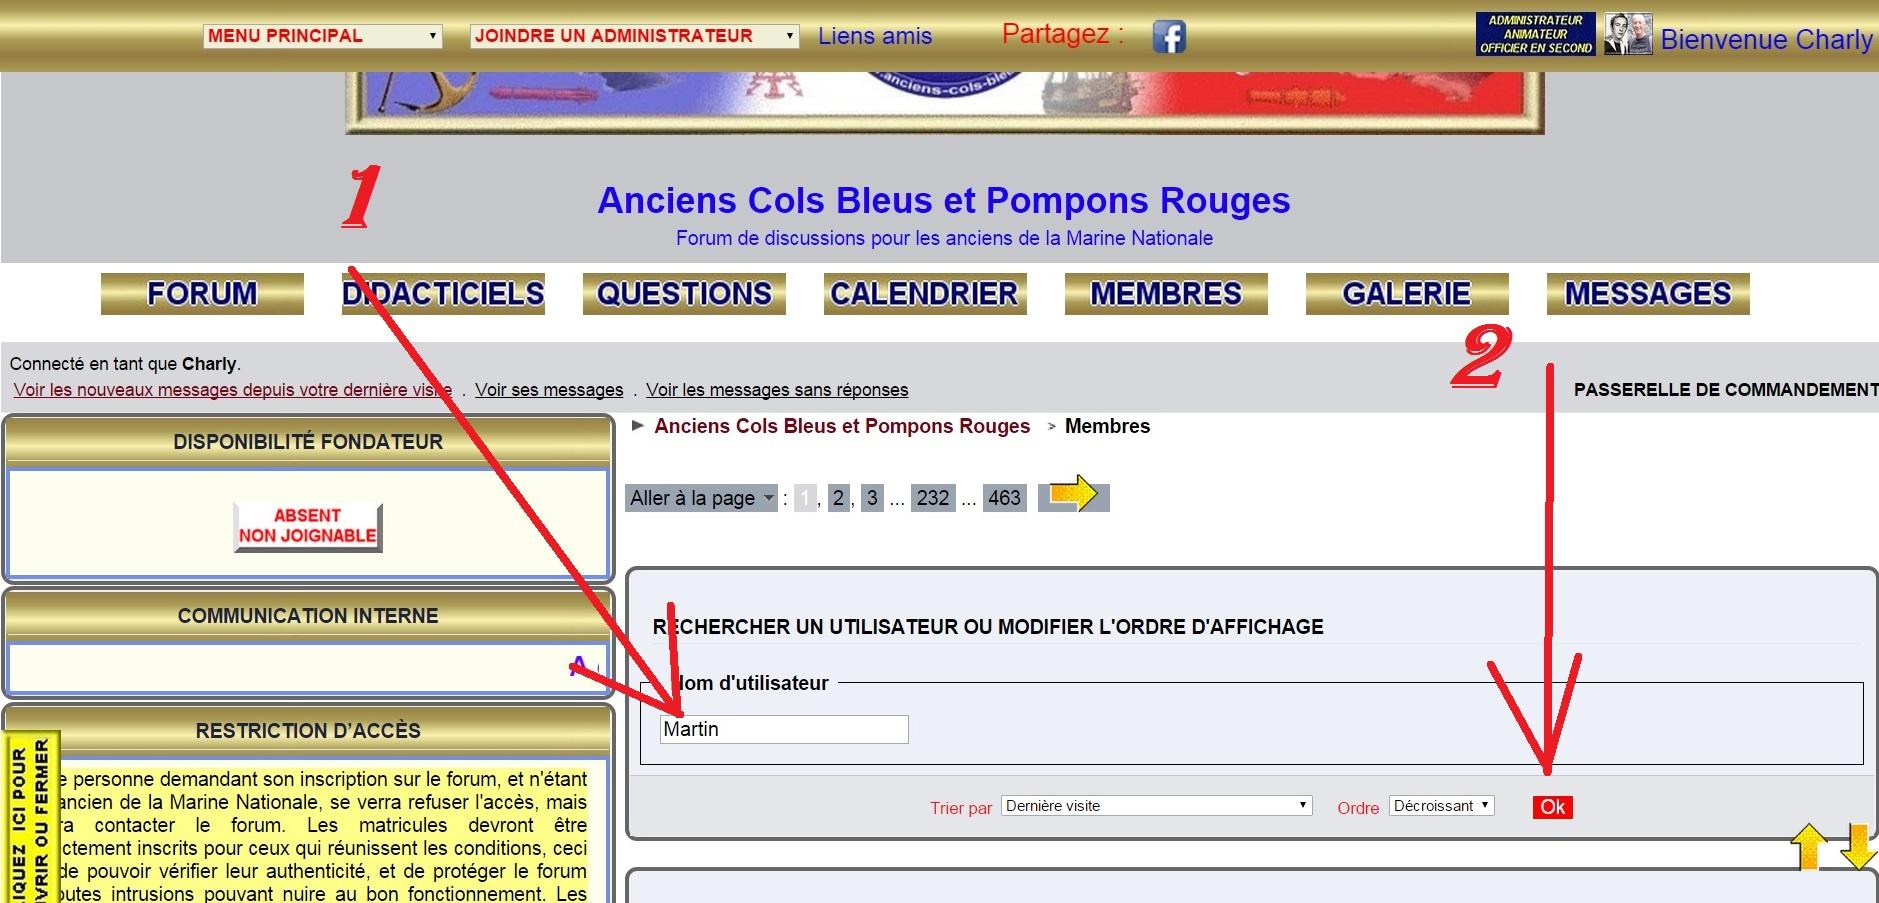 Recherche camarade : Jean-Pierre MARTIN inscrit sur ce site qu'il m'a fait connaître. 423120112